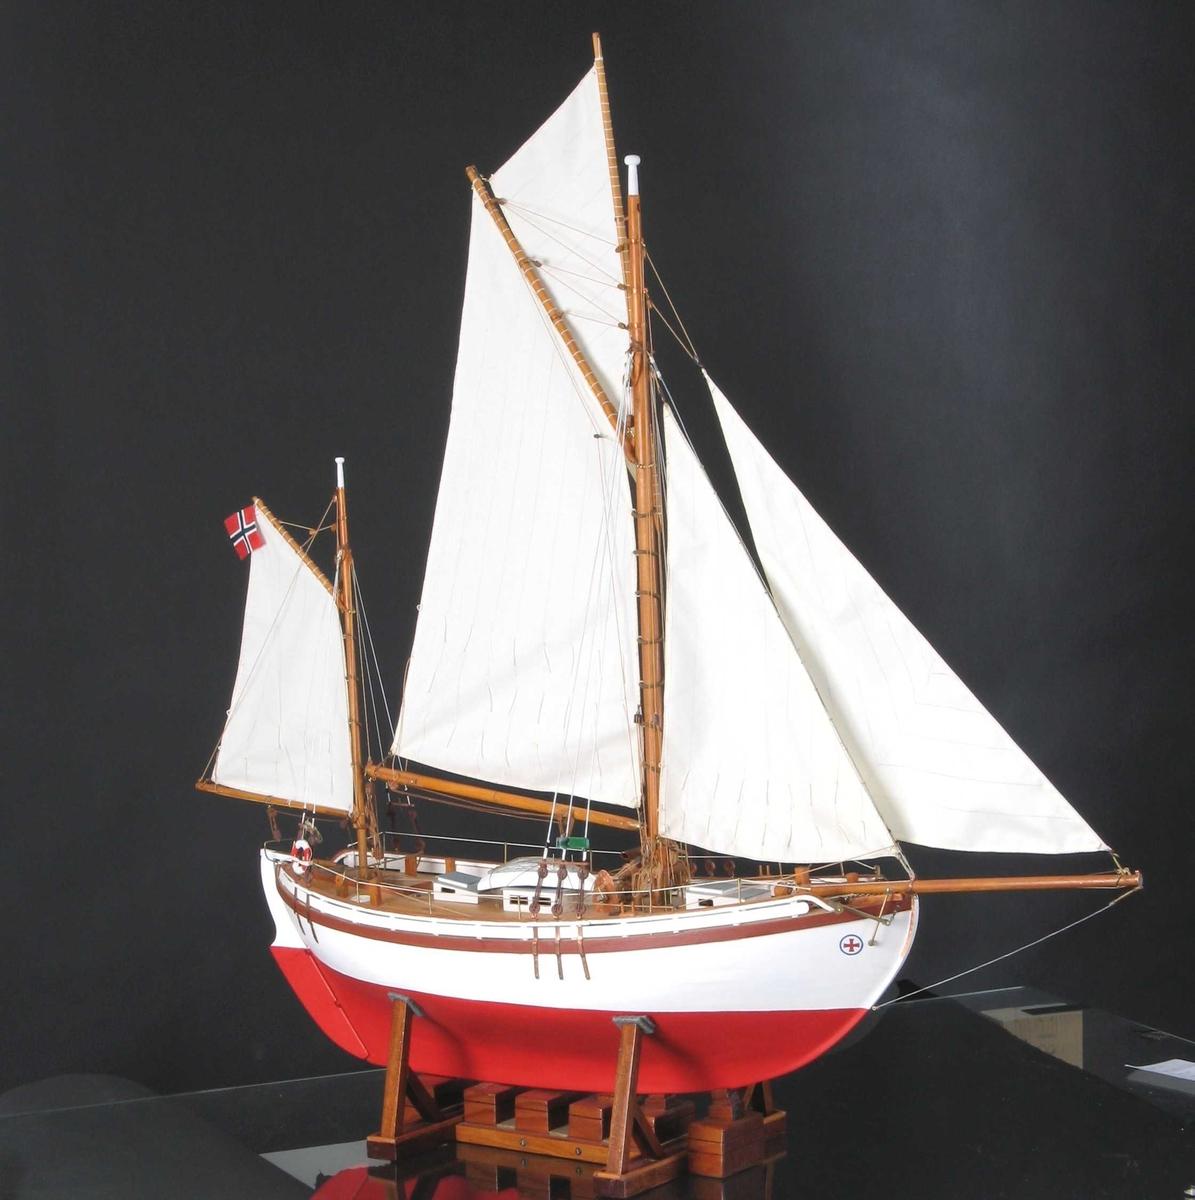 Modellen er bygd av bordganger på spant, etter Archers originaltegning   Seil: Klyver, fokk, storseil m/gaffel, toppseil m/rå, mesanmast m/gaffel-